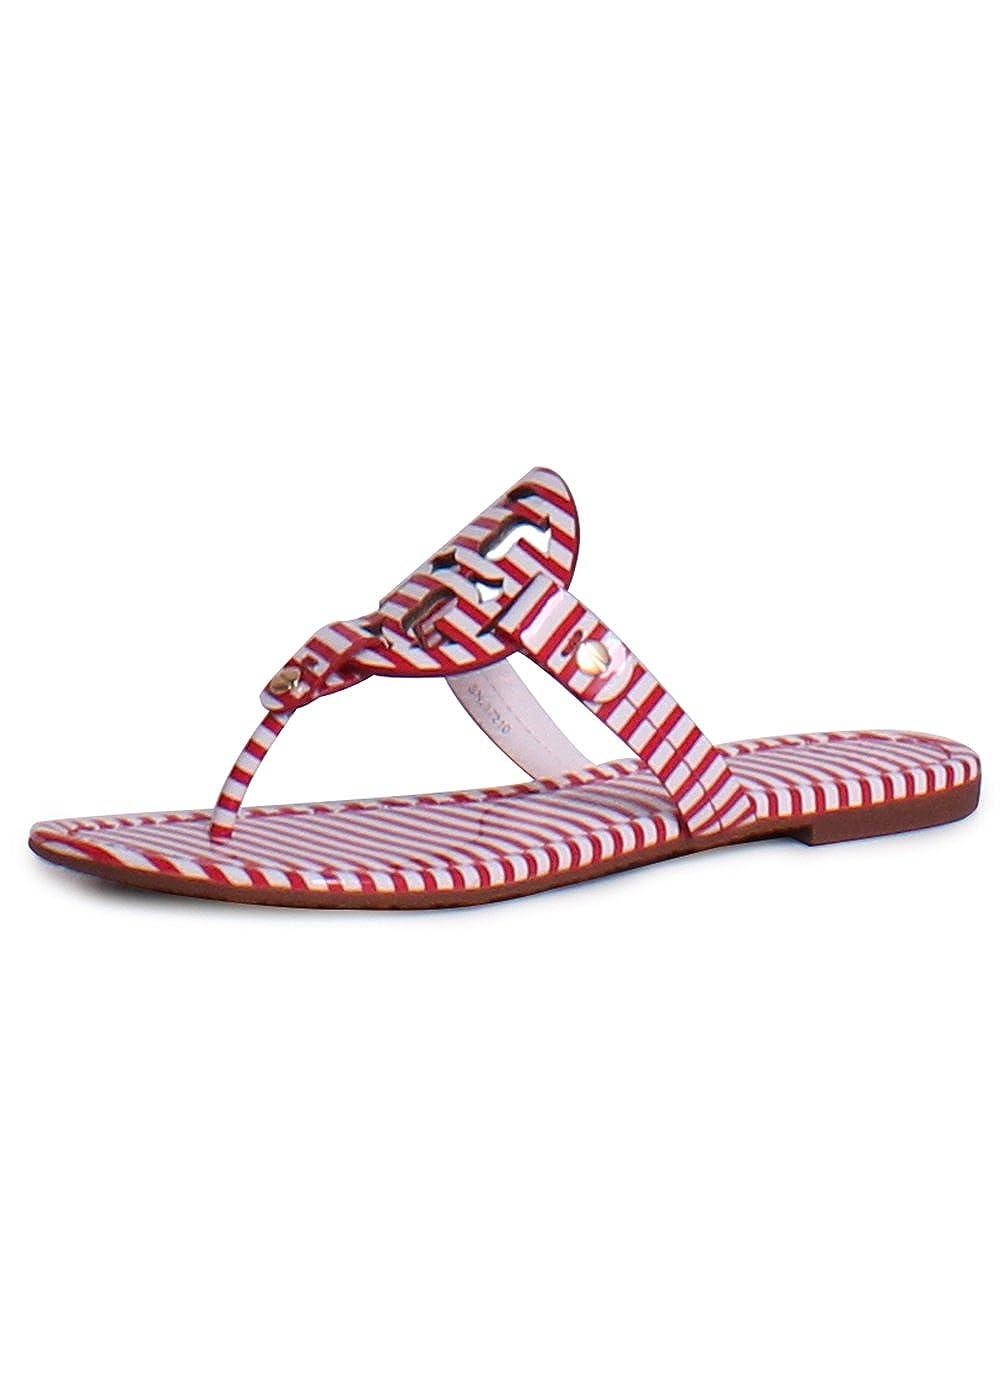 無料配達 [トリーバーチ]Tory Burch レディース サンダル Red フラットシューズ miller2 Flat B(M) 8 Thong Sandal【並行輸入品】 B01MT38PHG 8 B(M) US|Nautical Stripes Red Nautical Stripes Red 8 B(M) US, タイヤホイール カンパニー:62948366 --- svecha37.ru